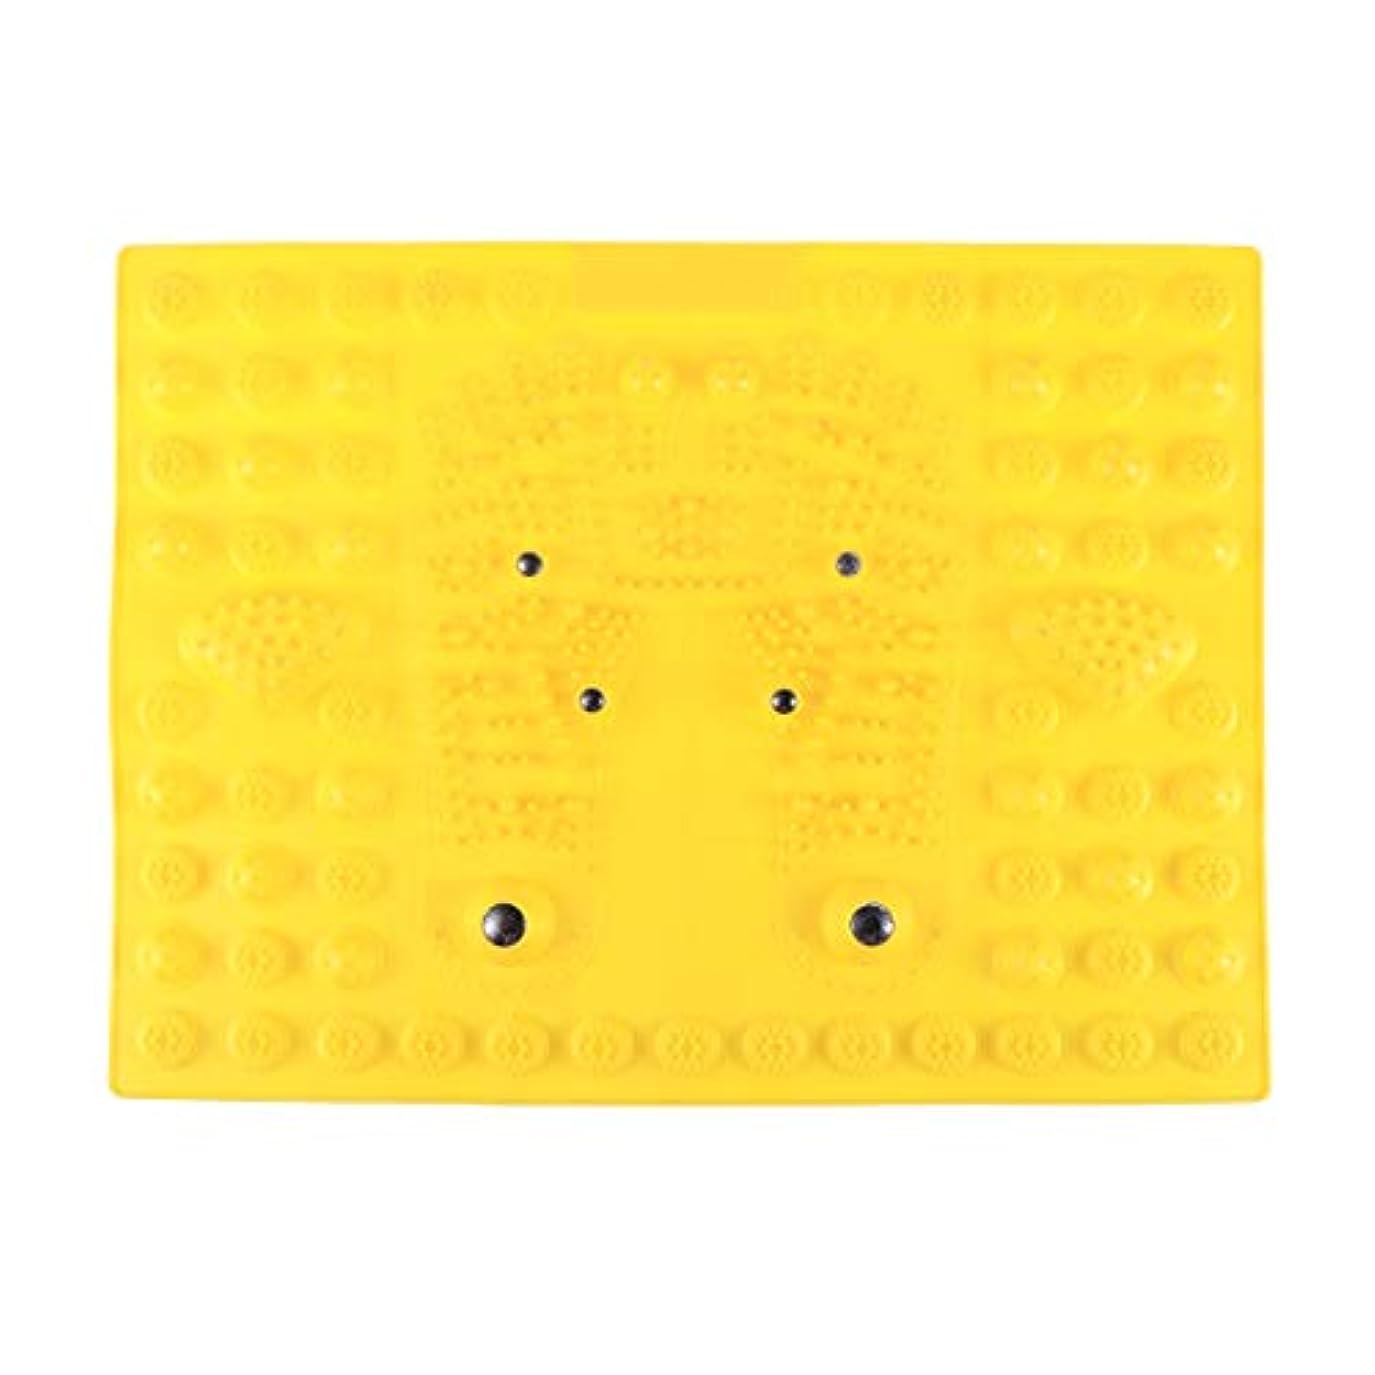 適性ポインタでもSUPVOX フットマッサージマット指圧リラクゼーションリフレクソロジーマット磁気療法フィートマット(イエロー)